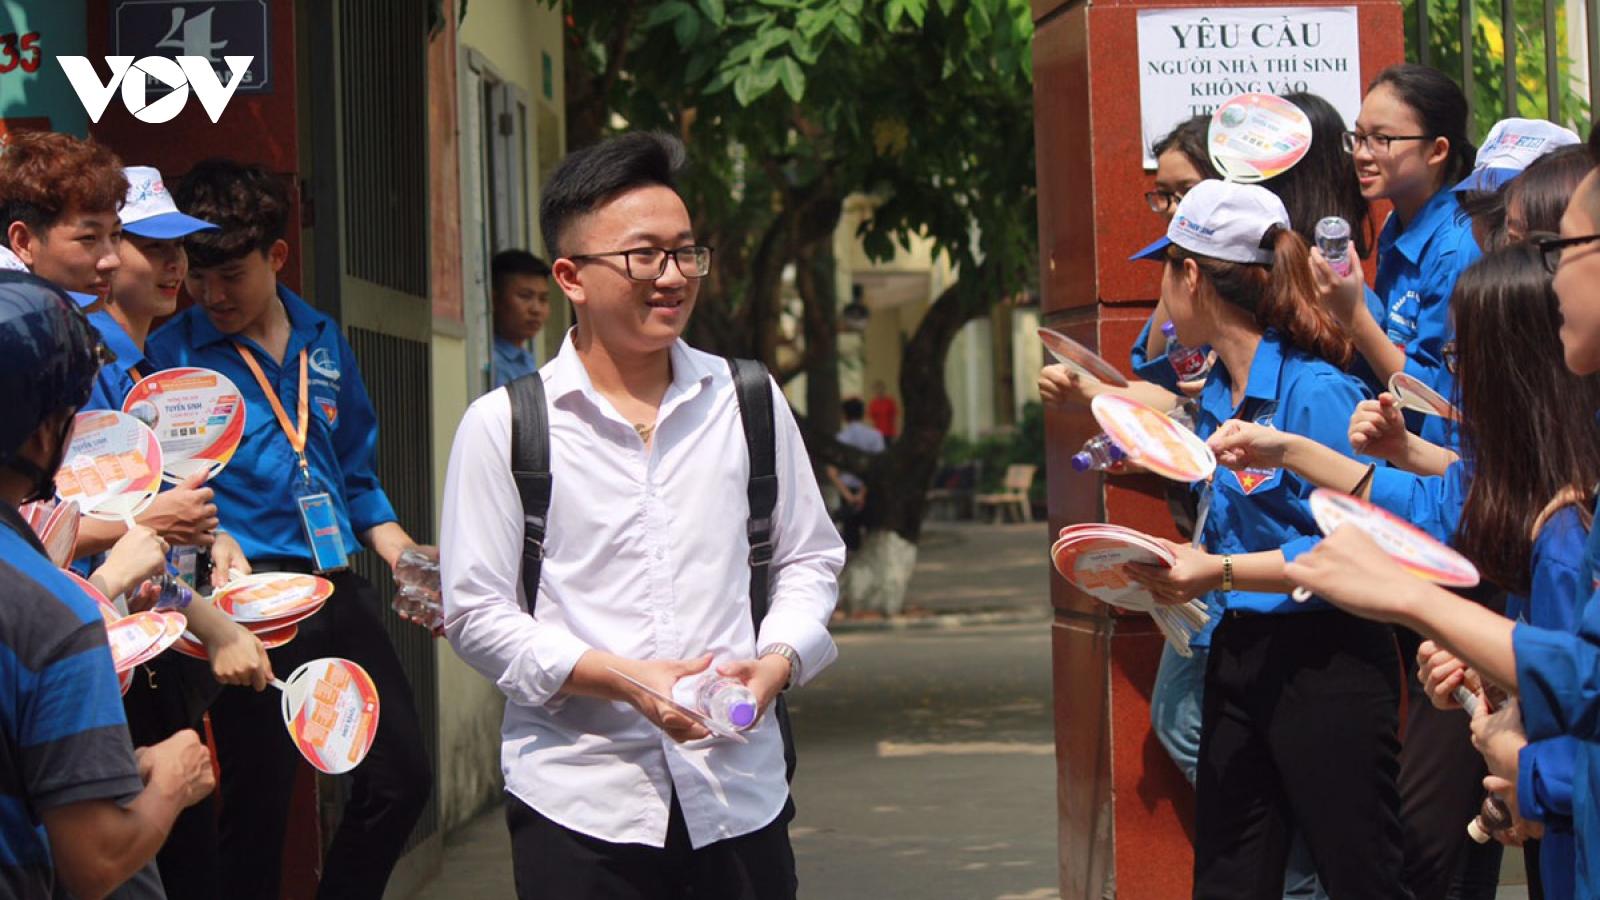 Giảm thời gian làm bài, đề thi vào 10 ở Hà Nội theo hướng nào?